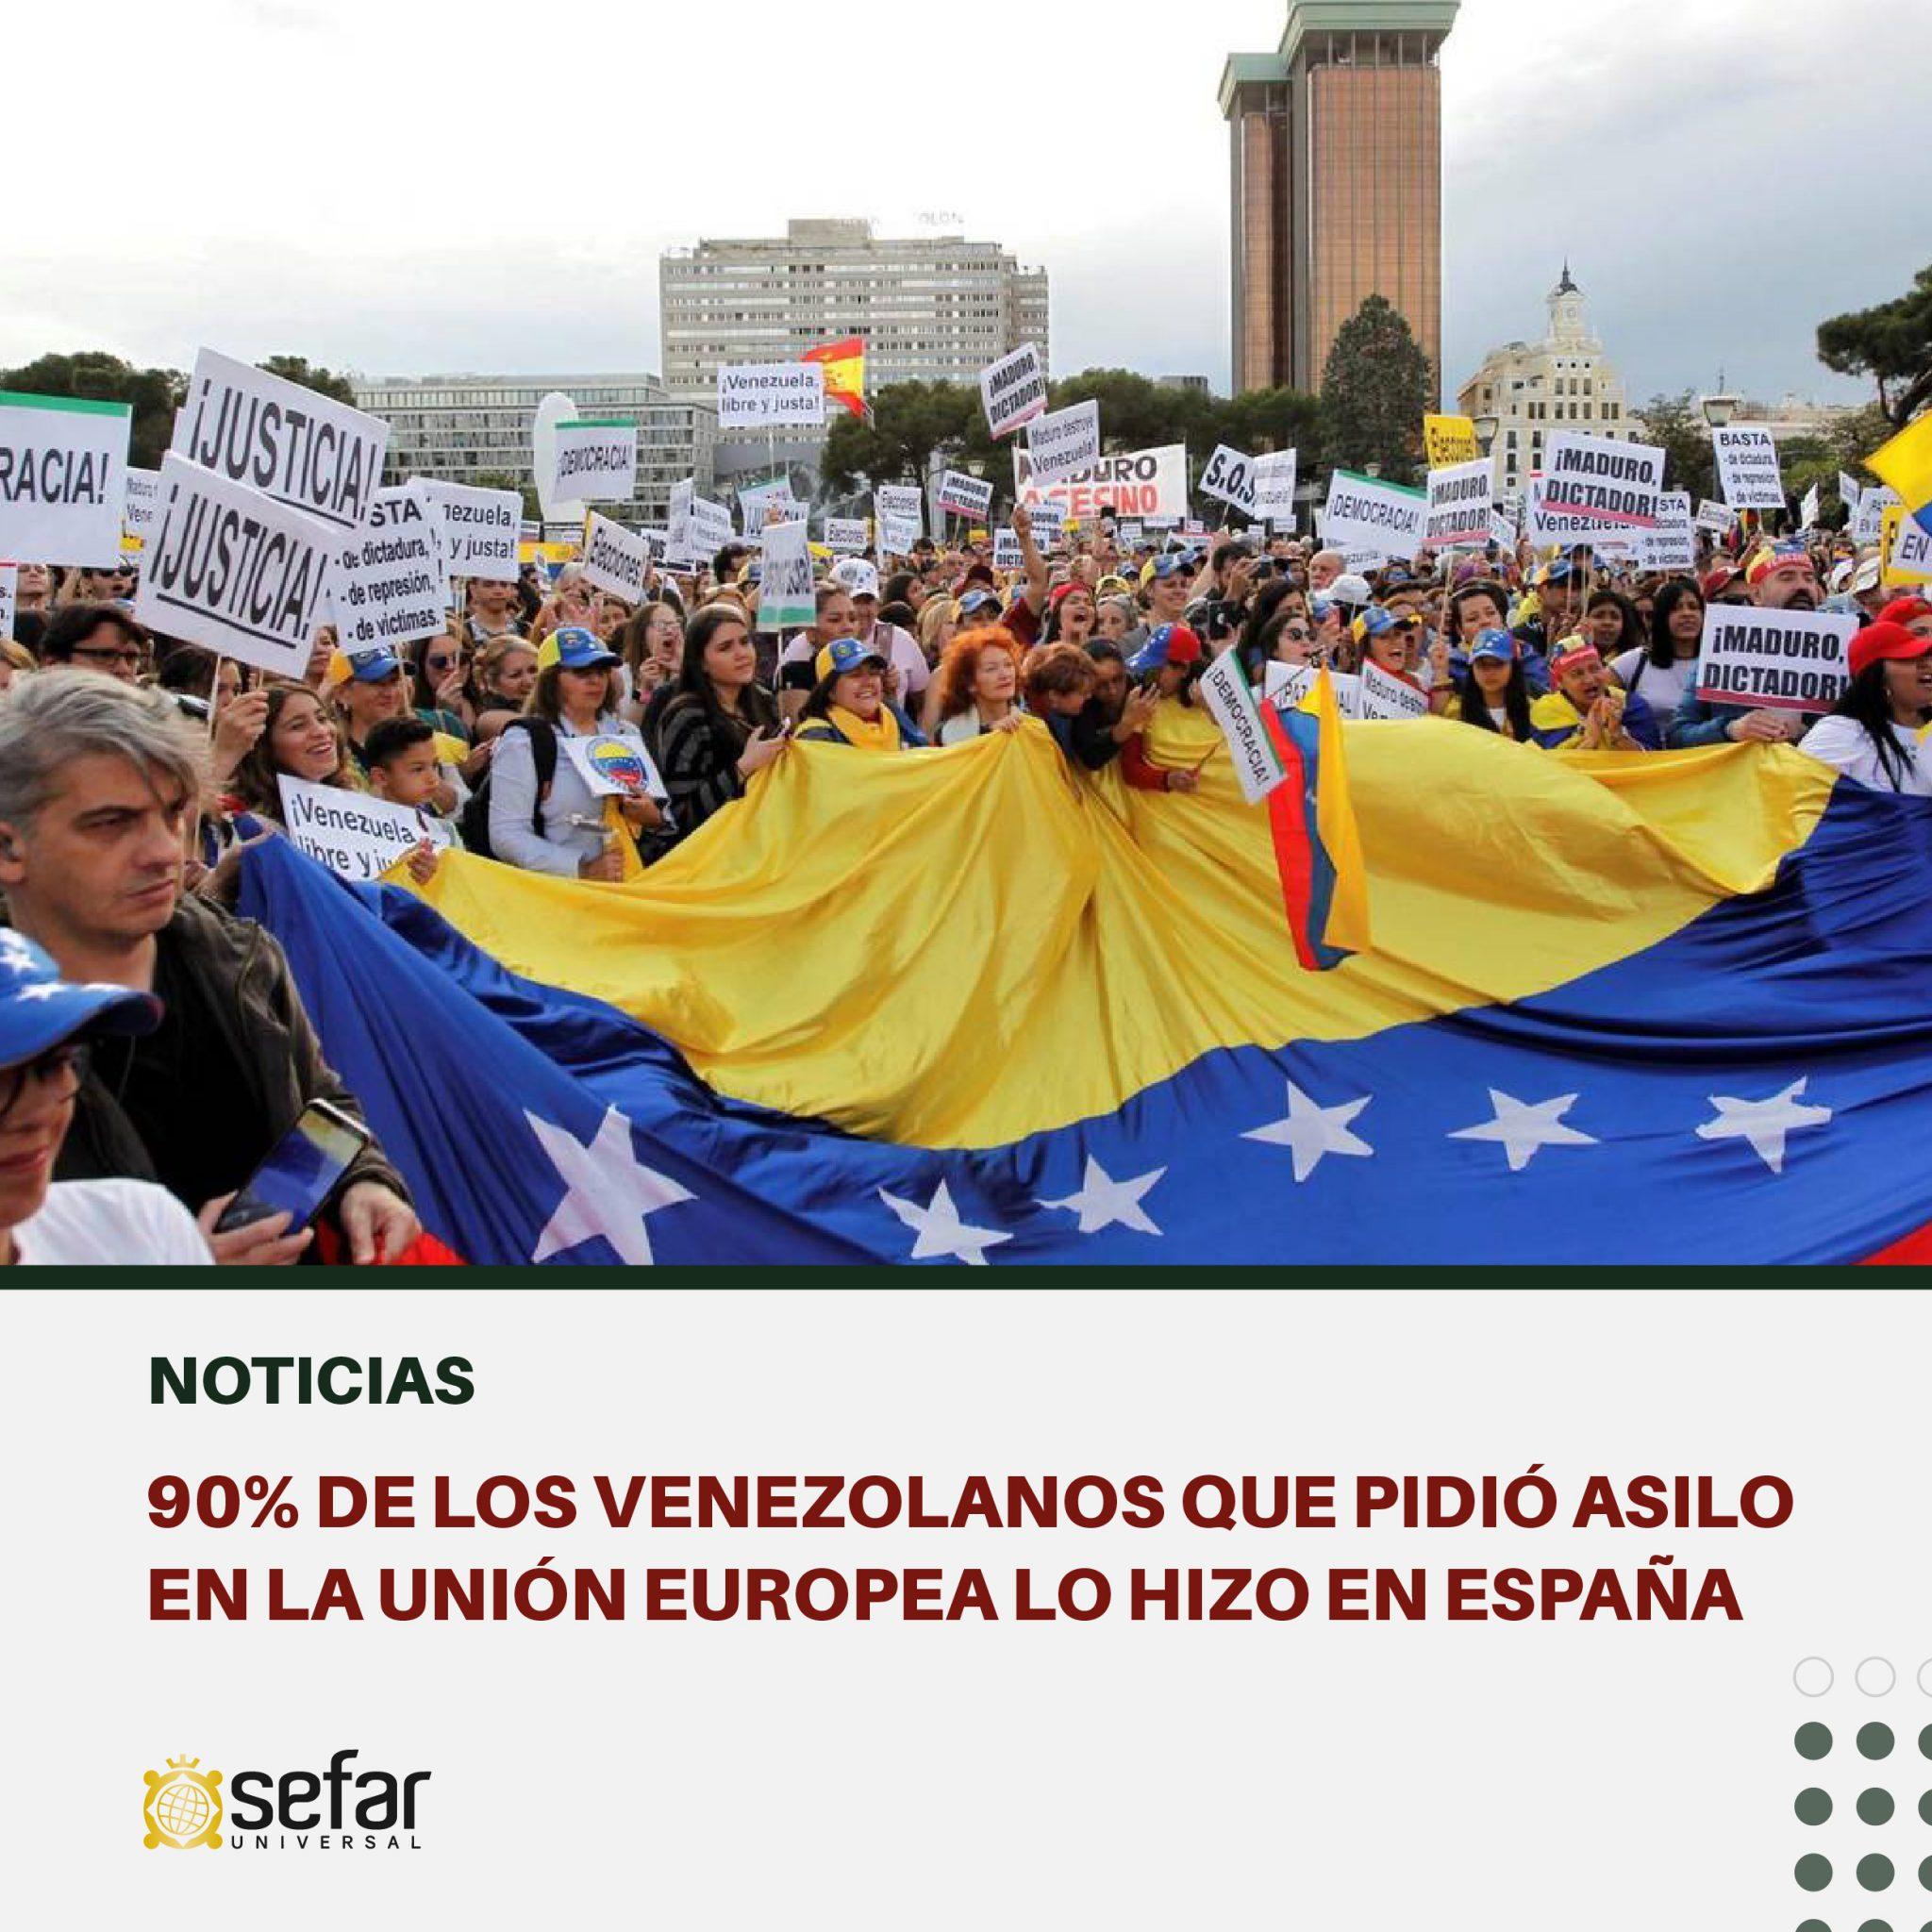 90% de los venezolanos que pidió asilo en la Unión Europea lo hizo en España